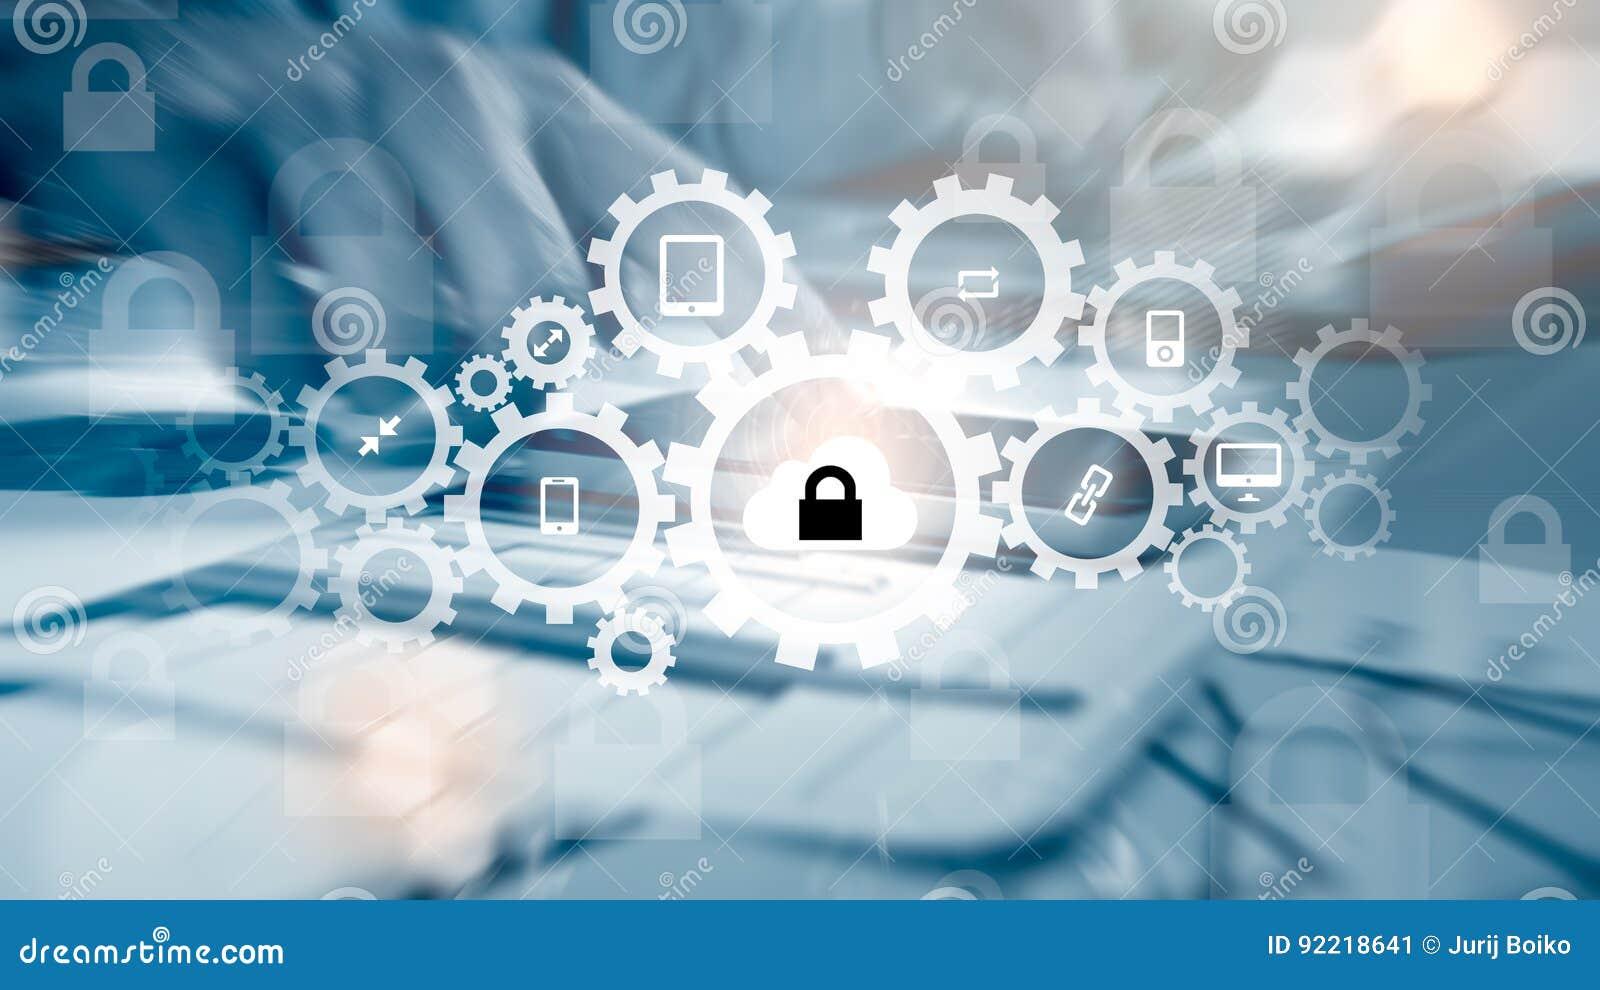 Bescherm de gegevensconcept van de wolkeninformatie Veiligheid en veiligheid van wolkengegevens